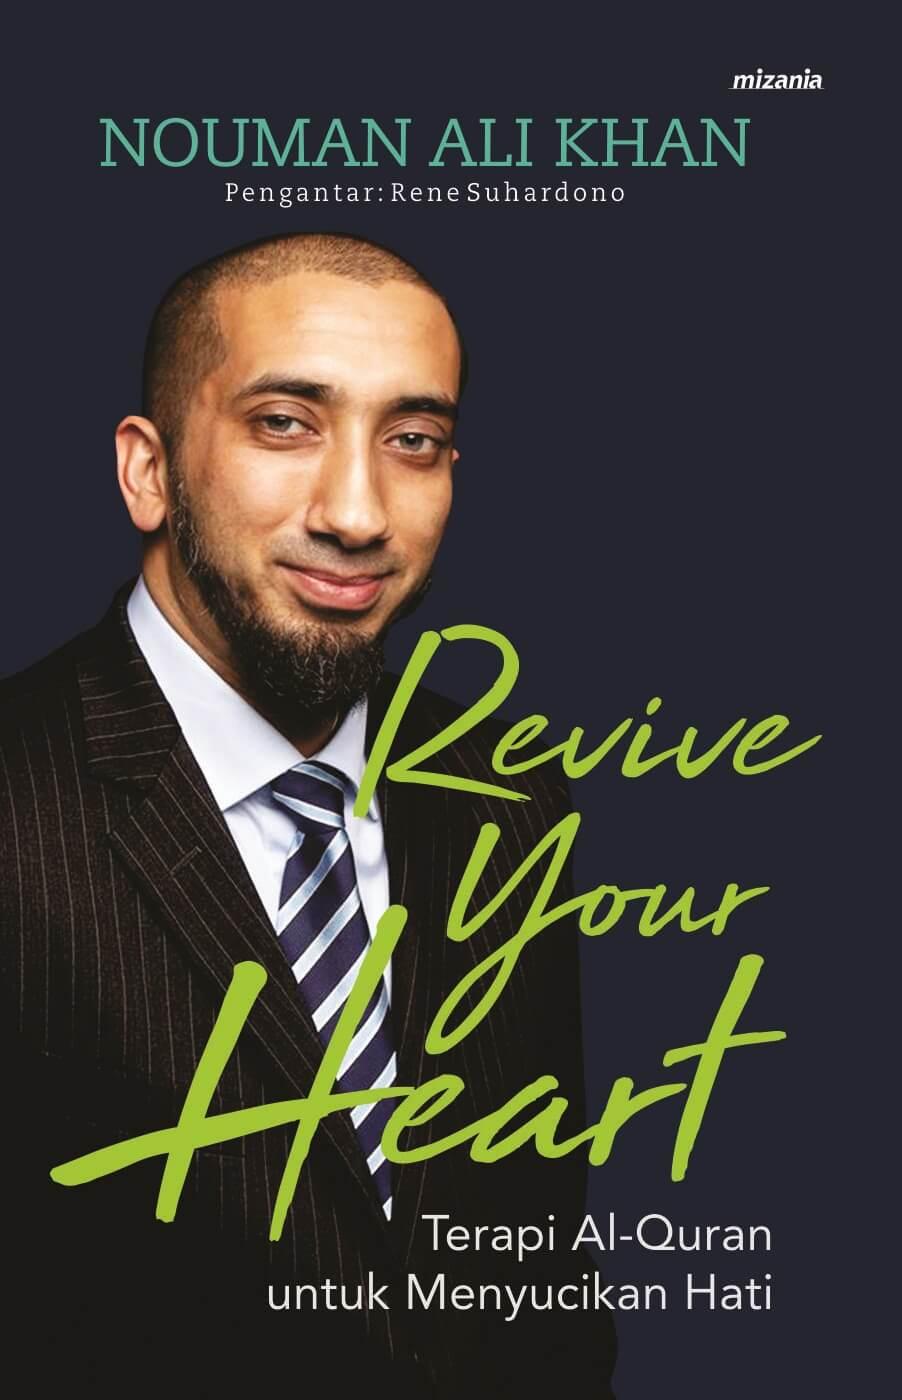 REVIVE YOUR HEART TERAPI AL-QURAN UNTUK MENYUCIKAN HATI